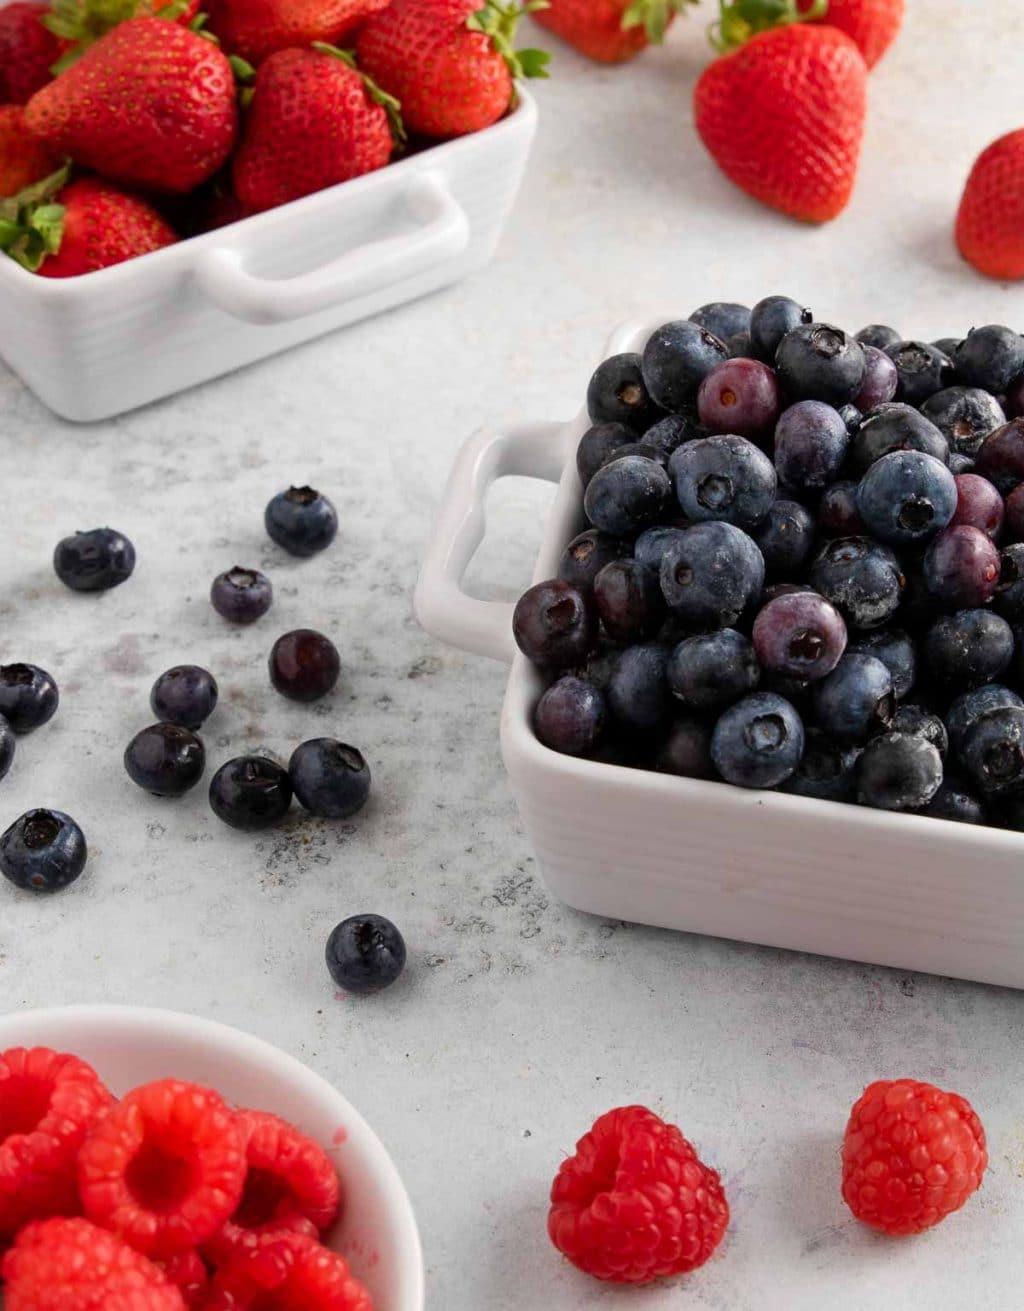 summer berries- blueberries, strawberries, raspberries